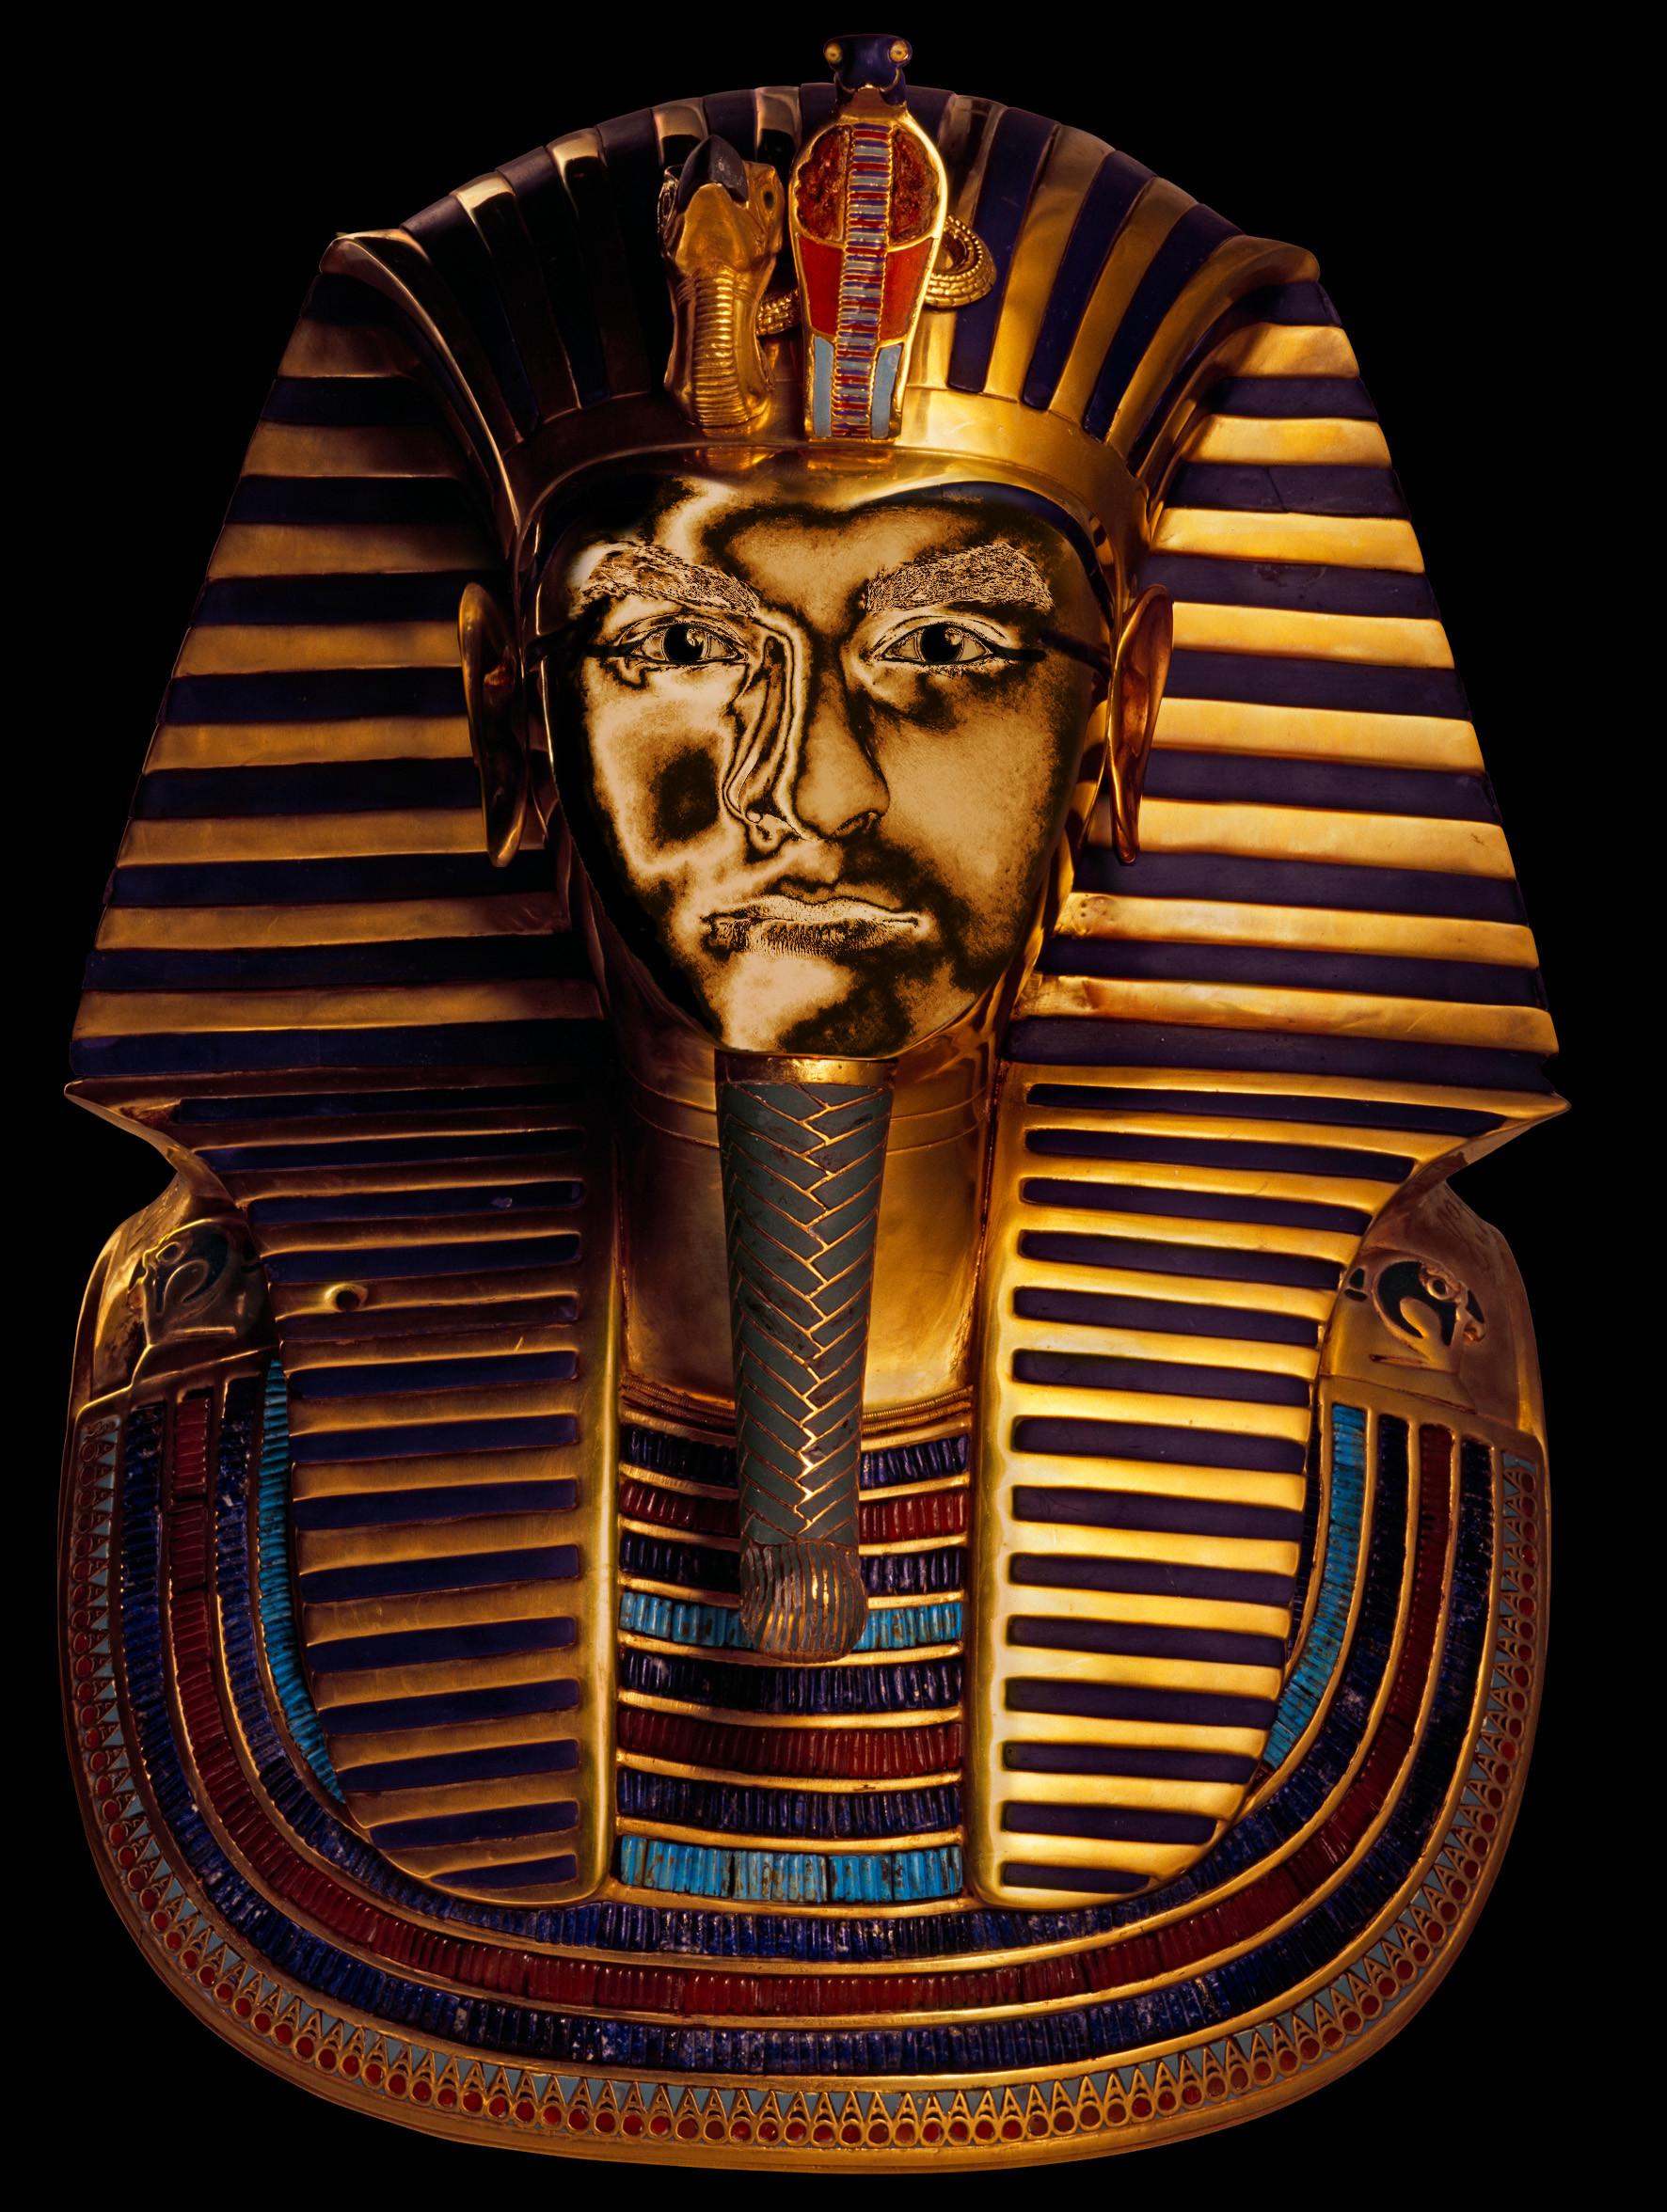 картинки про египетских фараонов вам несколько мастер-классов